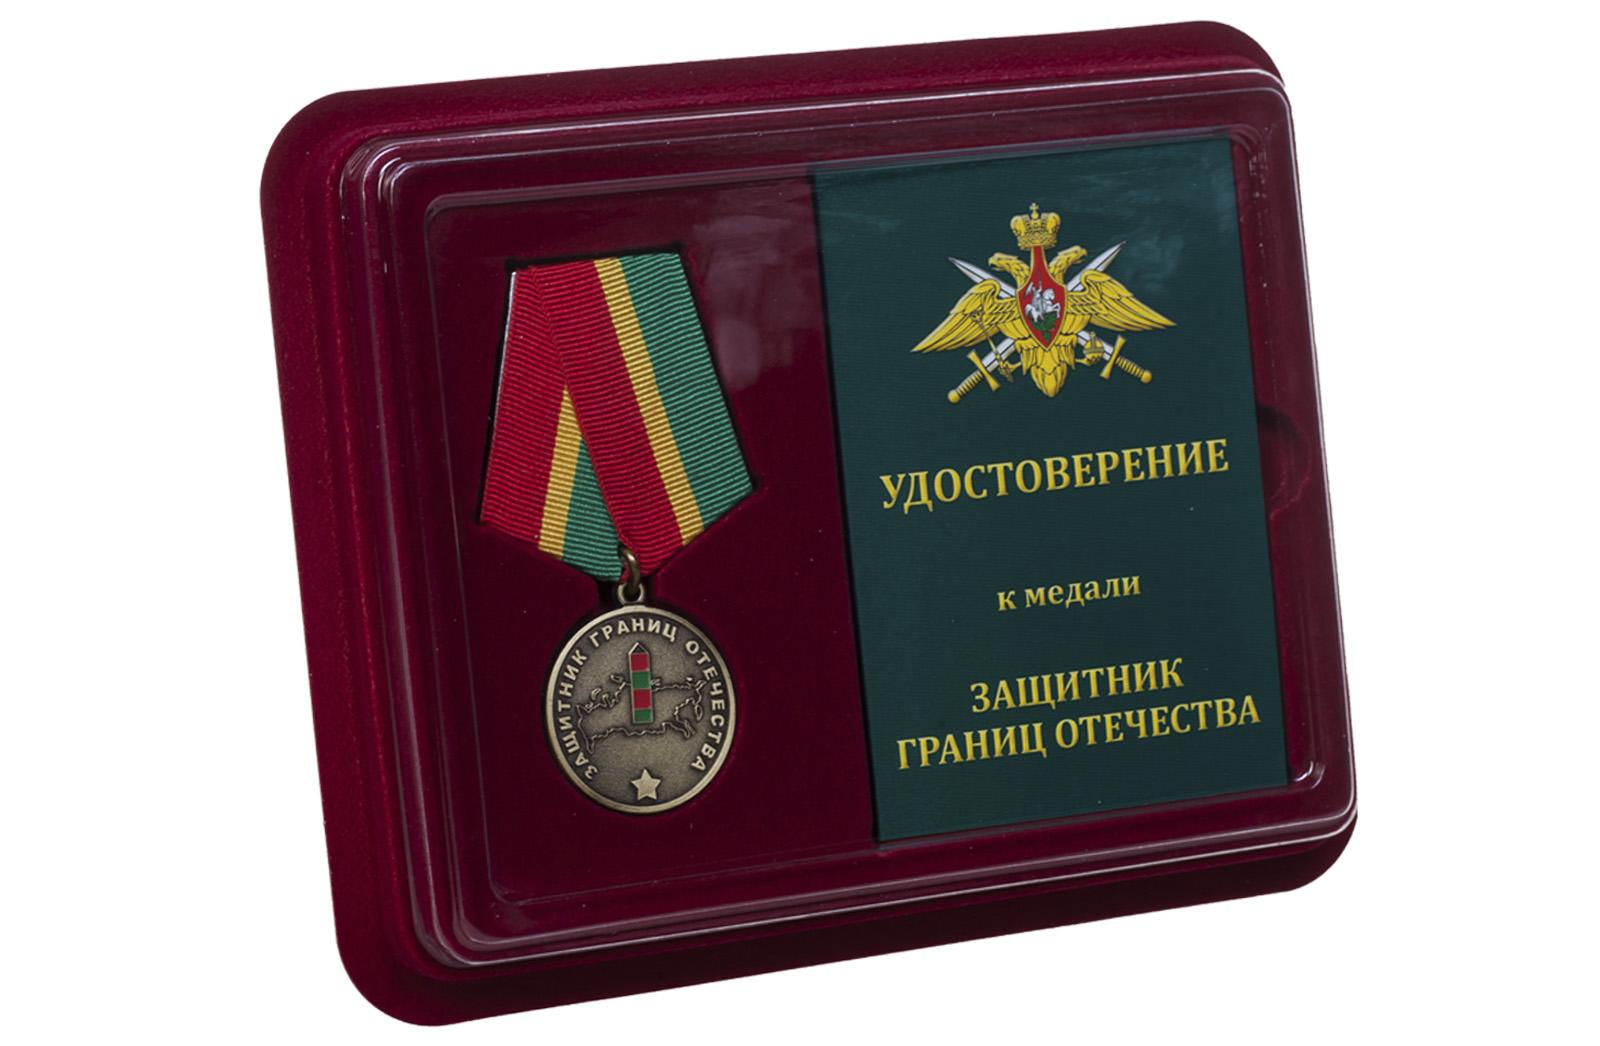 Купить медаль Погранвойск Защитник границ Отечества оптом выгодно